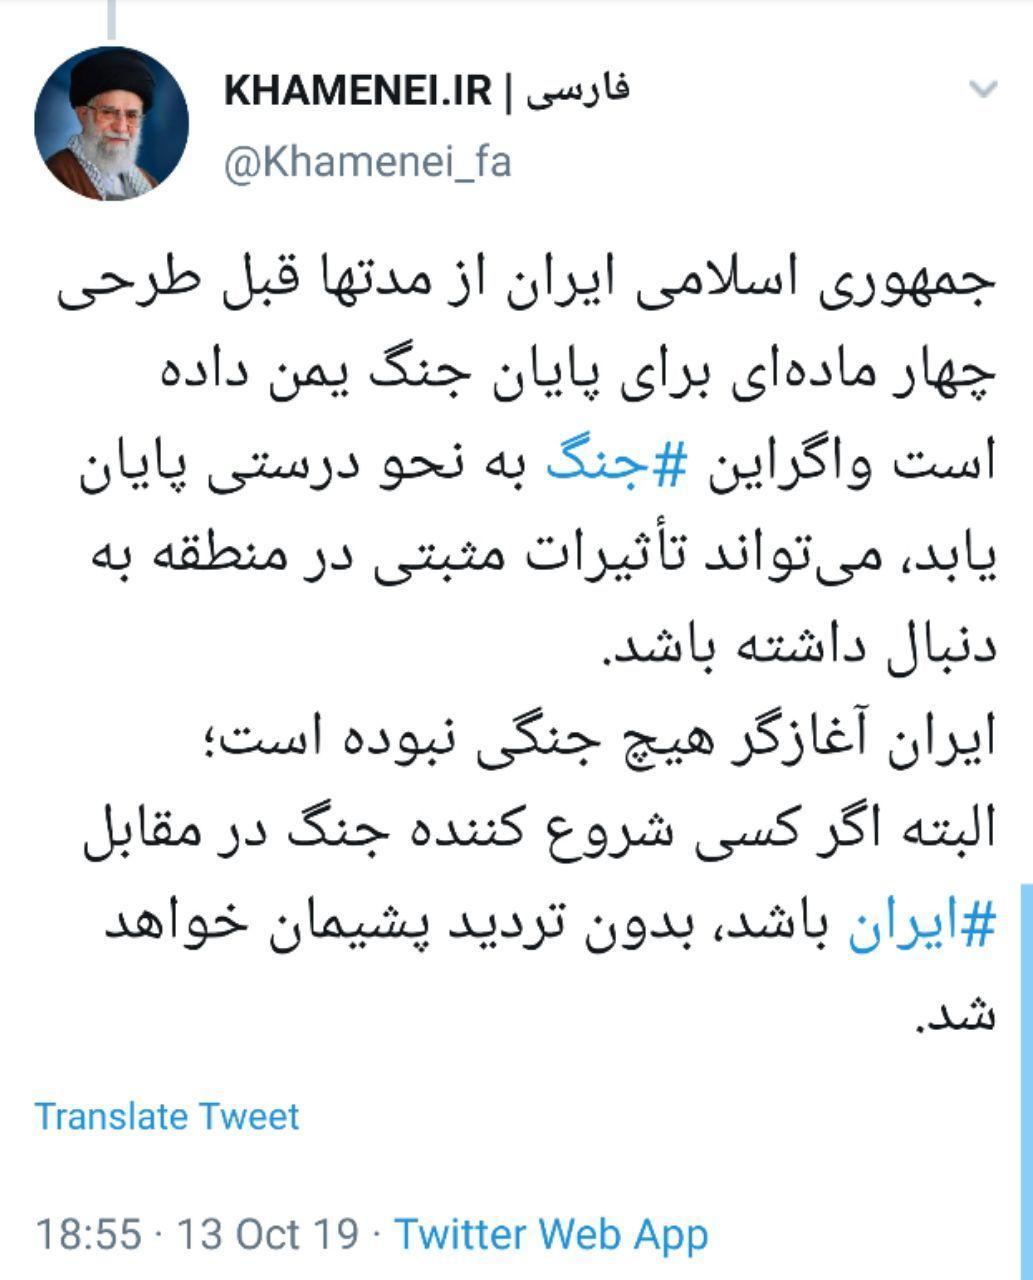 اگر کسی شروع کننده جنگ در مقابل ایران باشد، بدون تردید پشیمان خواهد شد